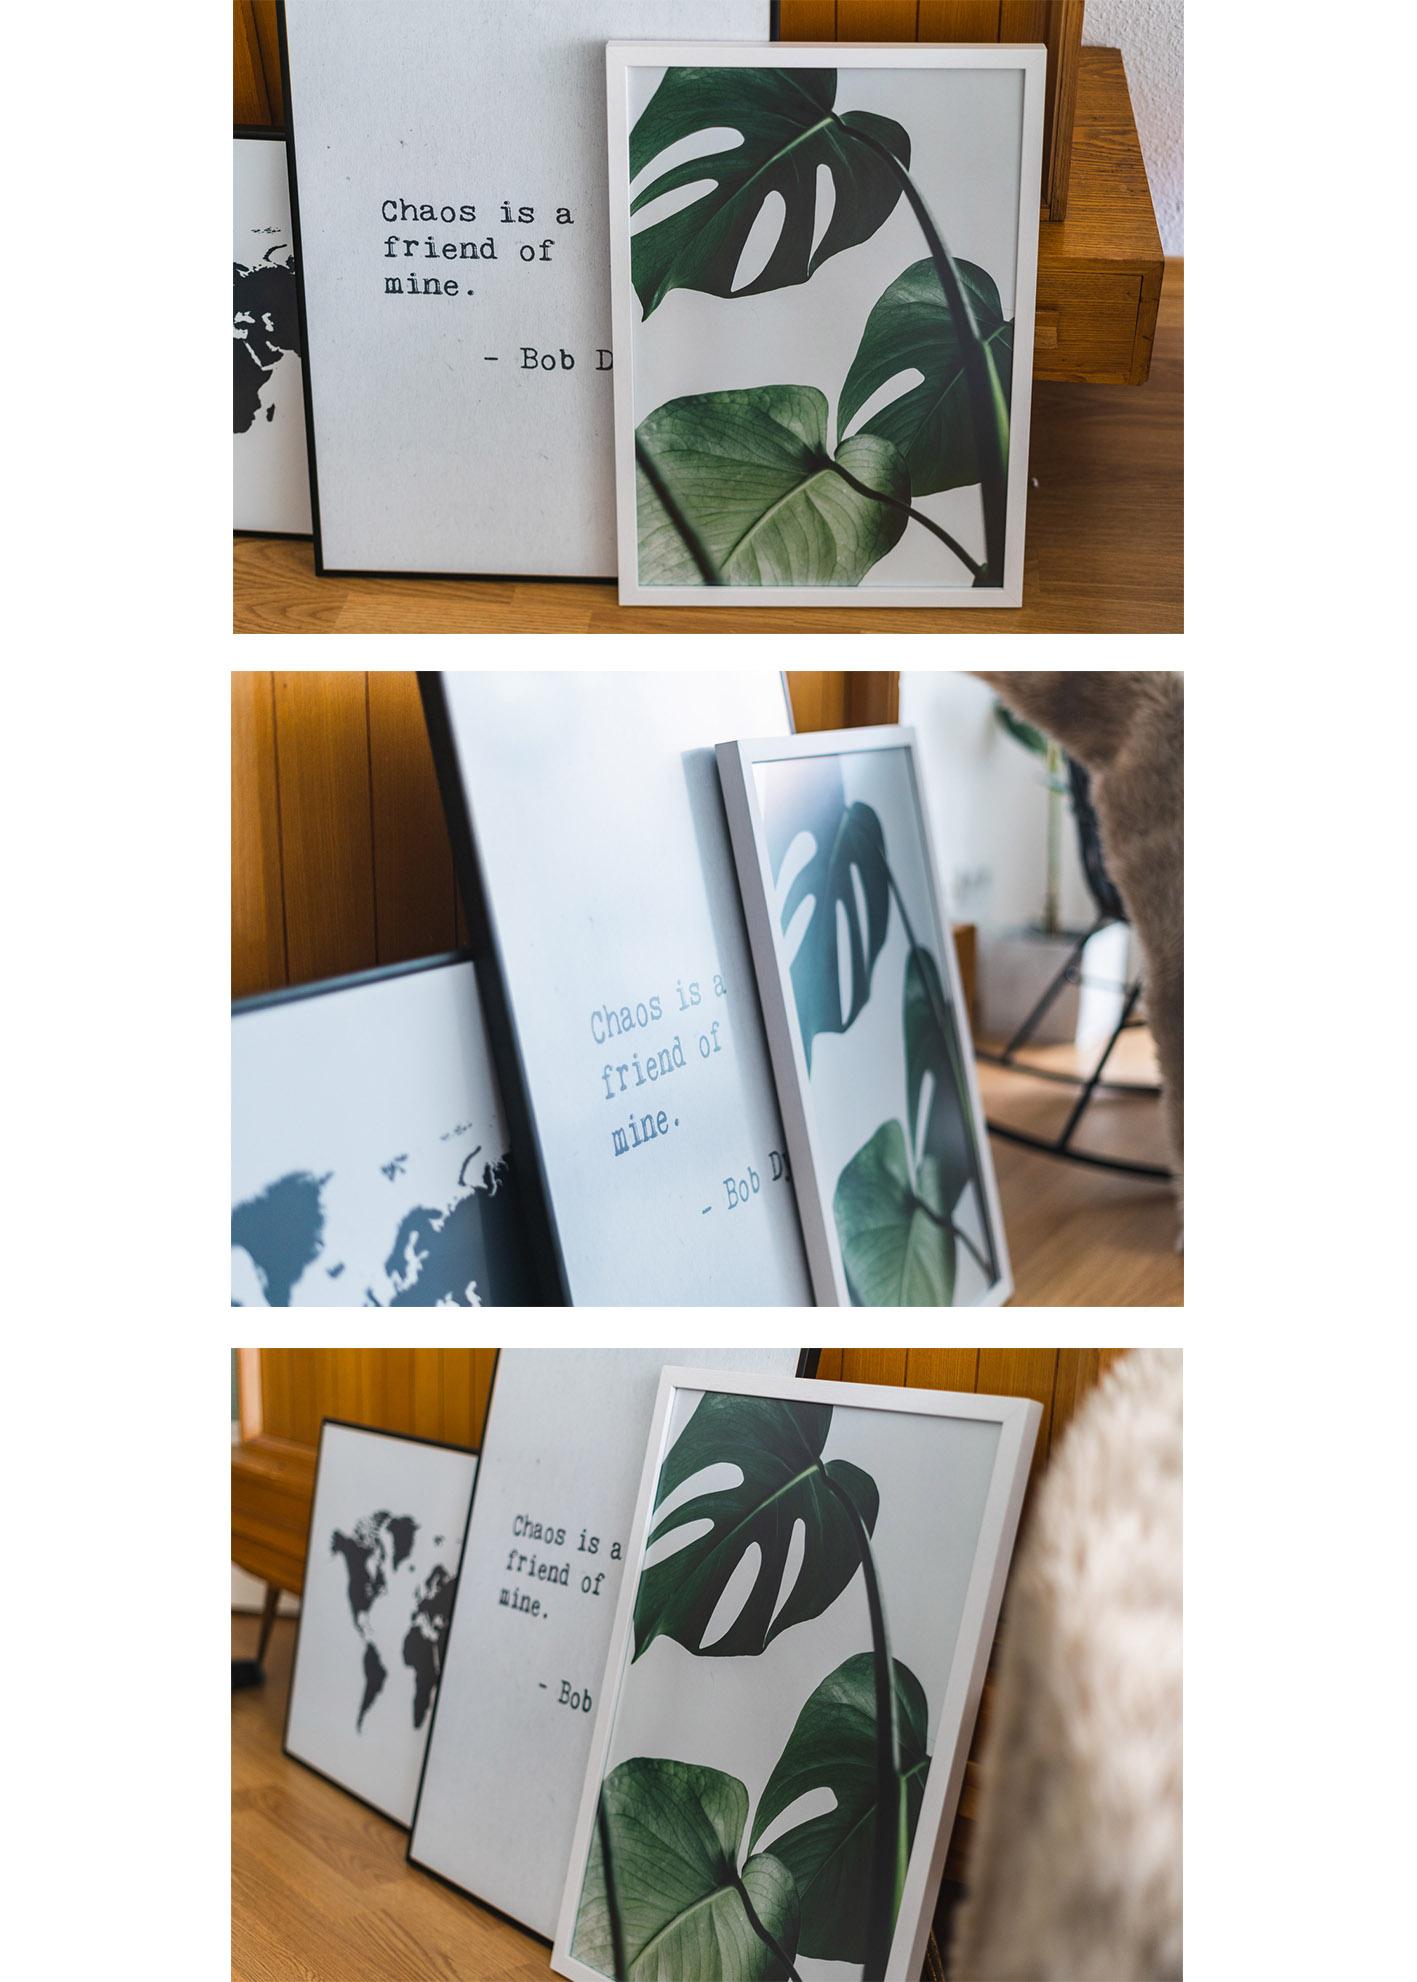 Gestalte deine Bilderwand mit Postern